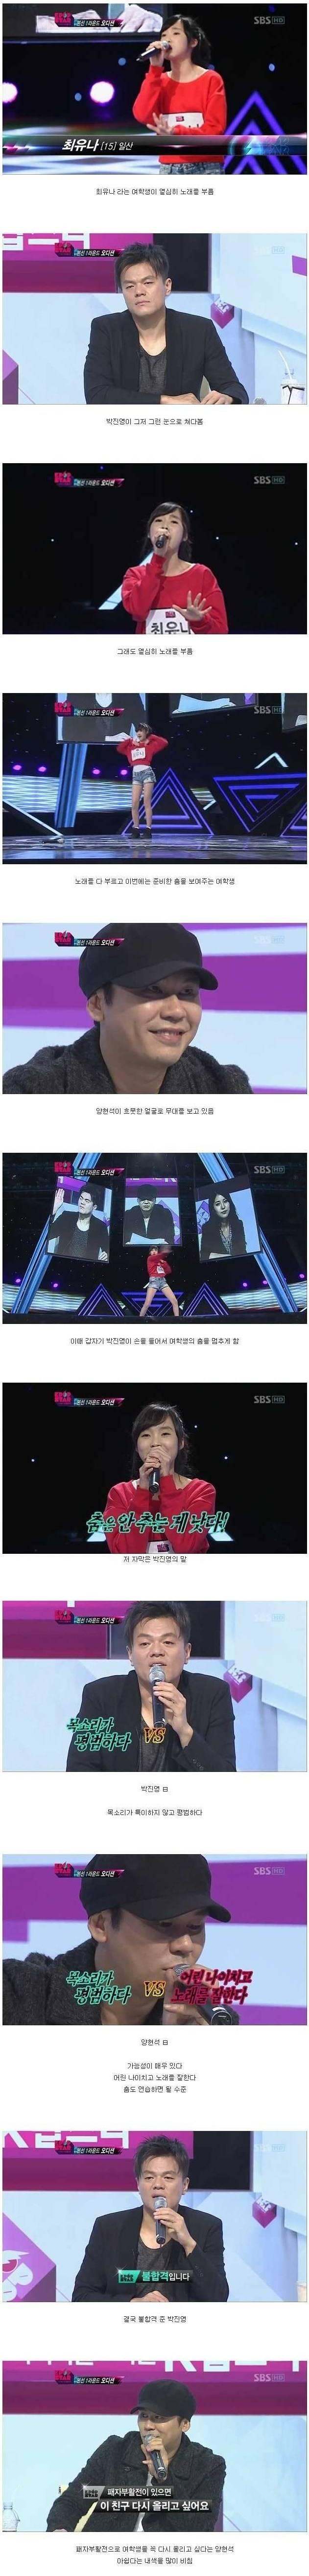 케이팝스타 출연 당시 박진영이 불합격시킨 유명 여아돌(의외주의) | 인스티즈